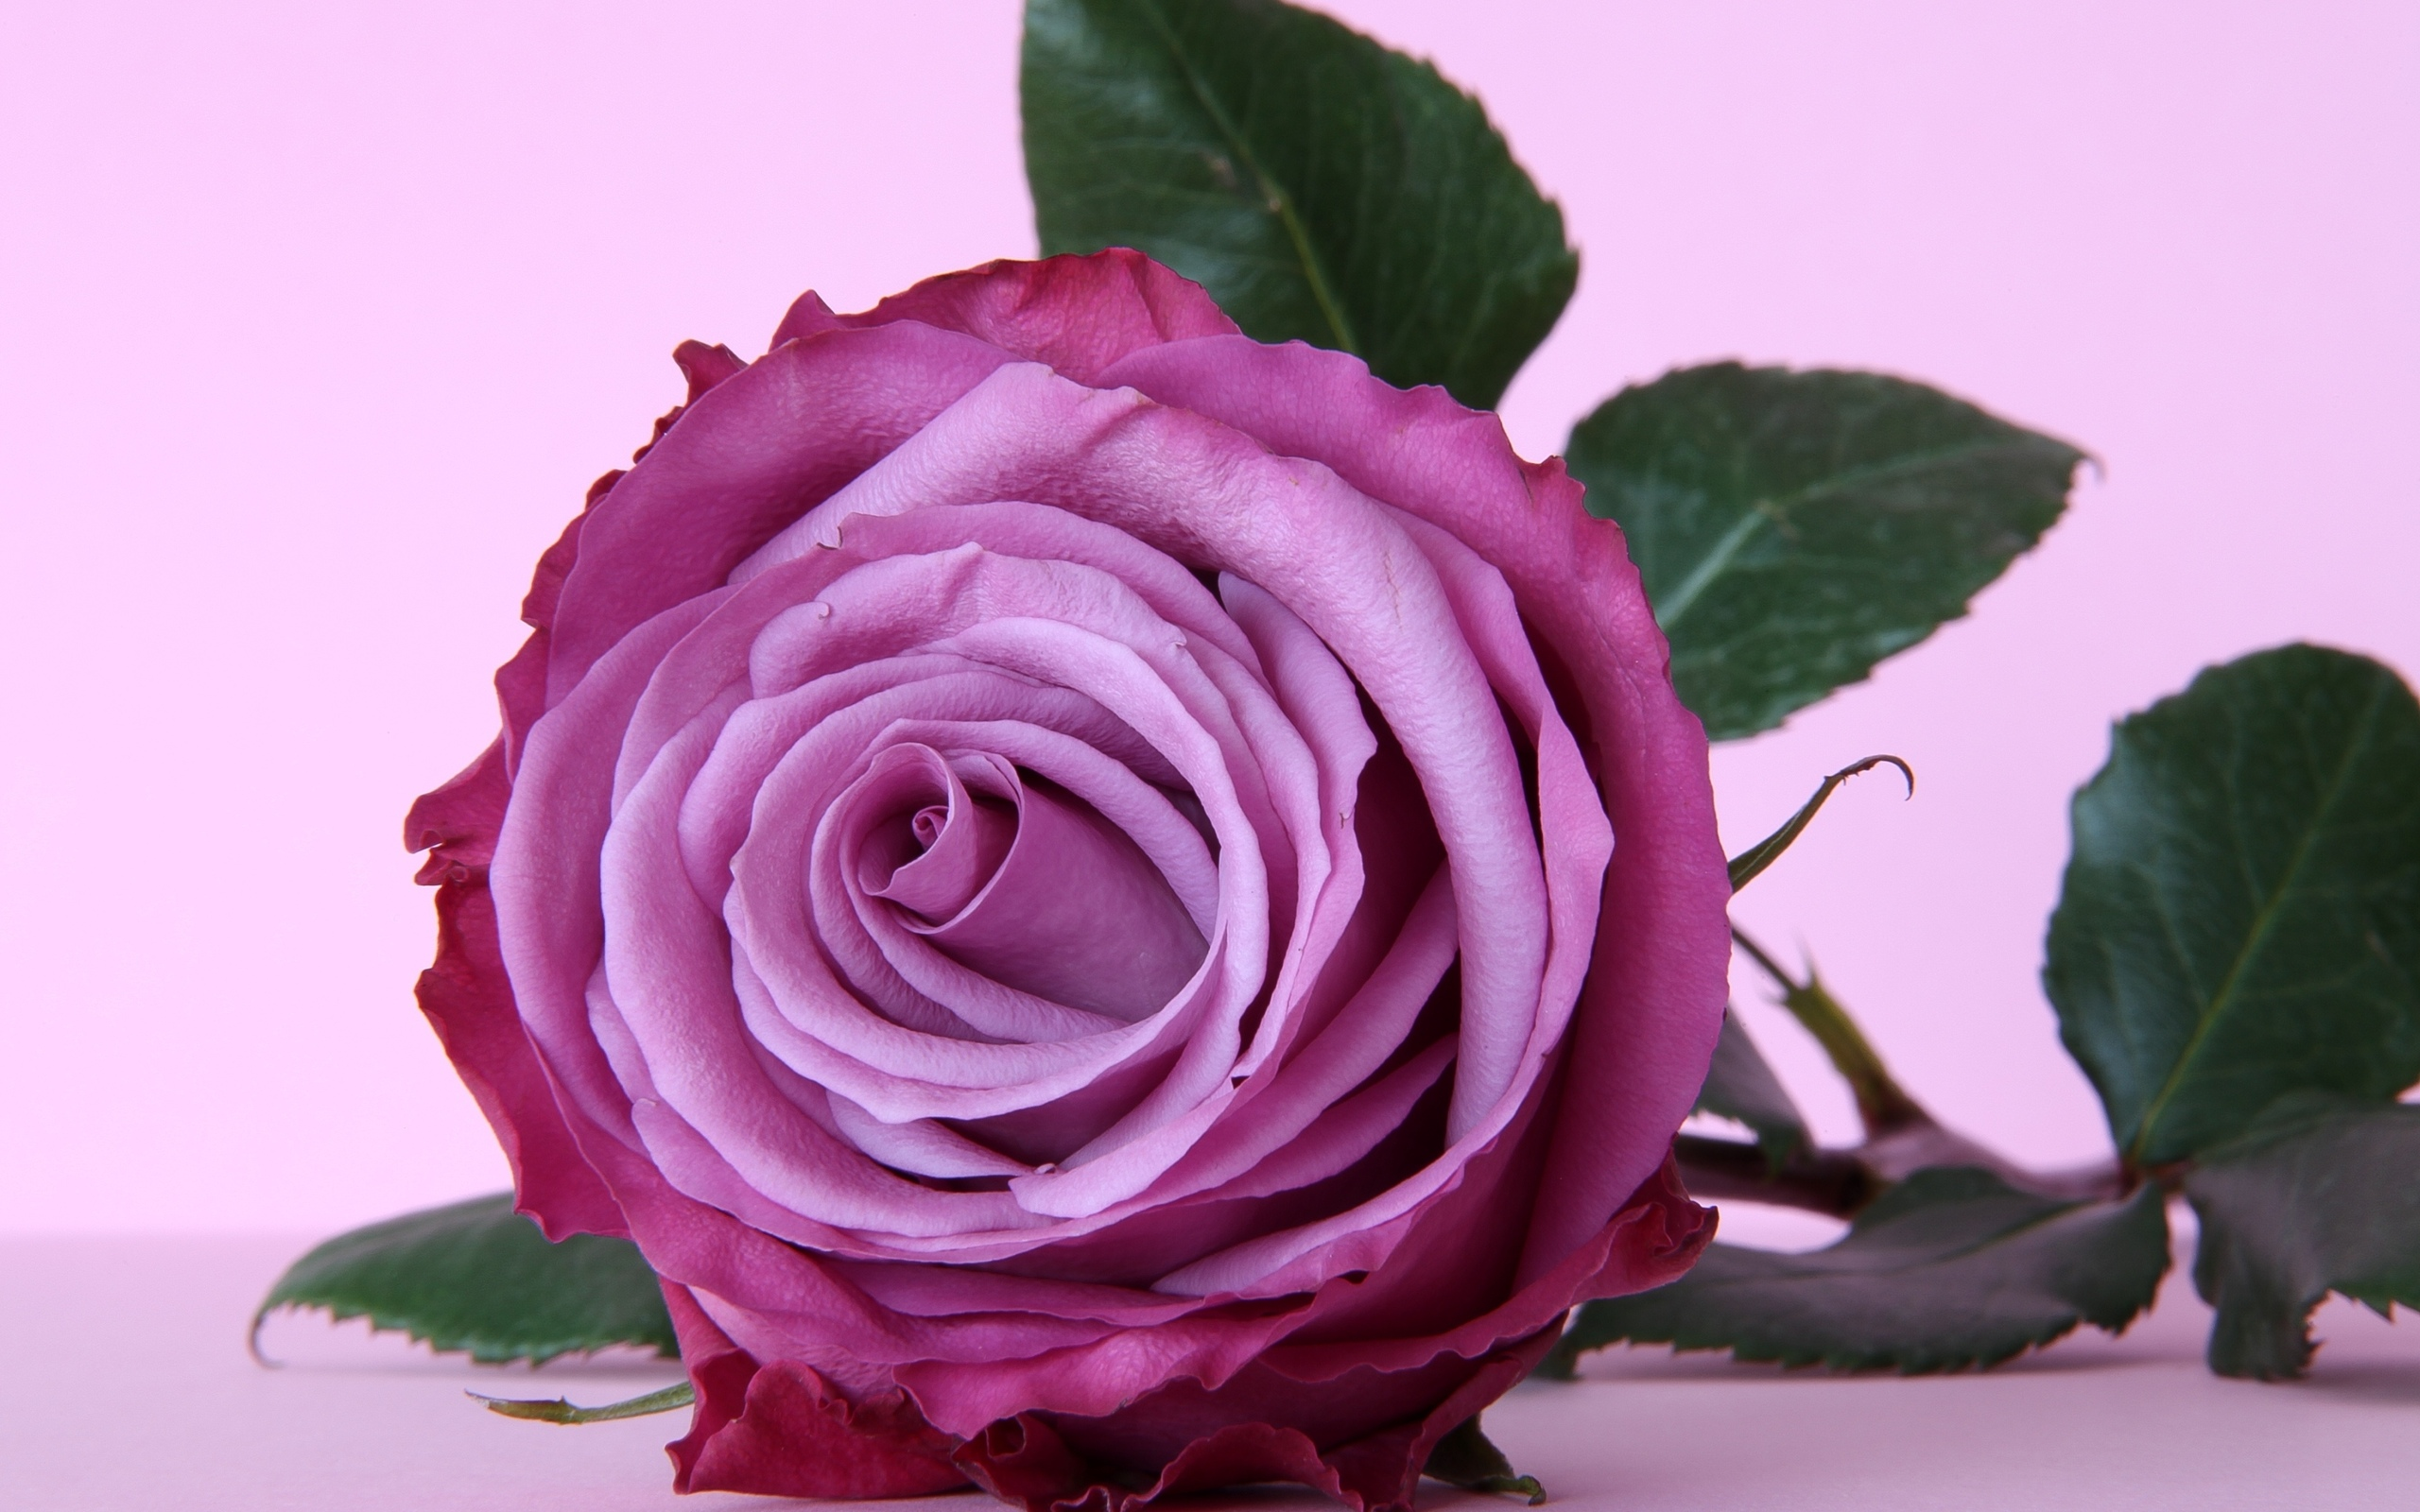 Обои для рабочего стола необычные розы